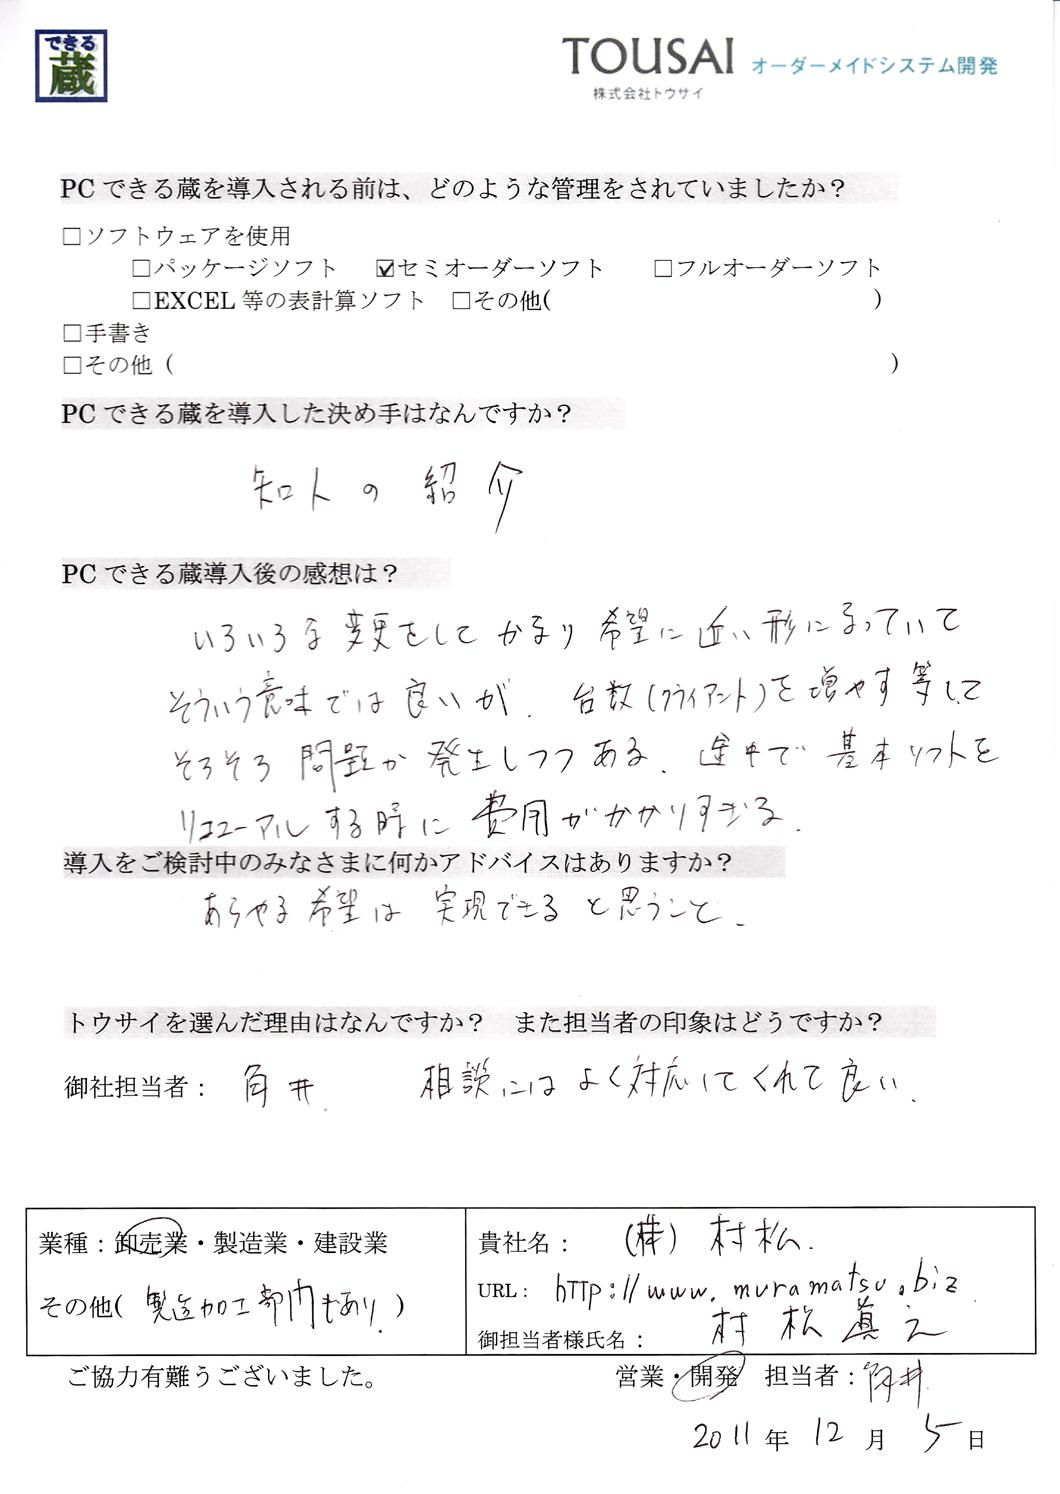 株式会社 村松 様